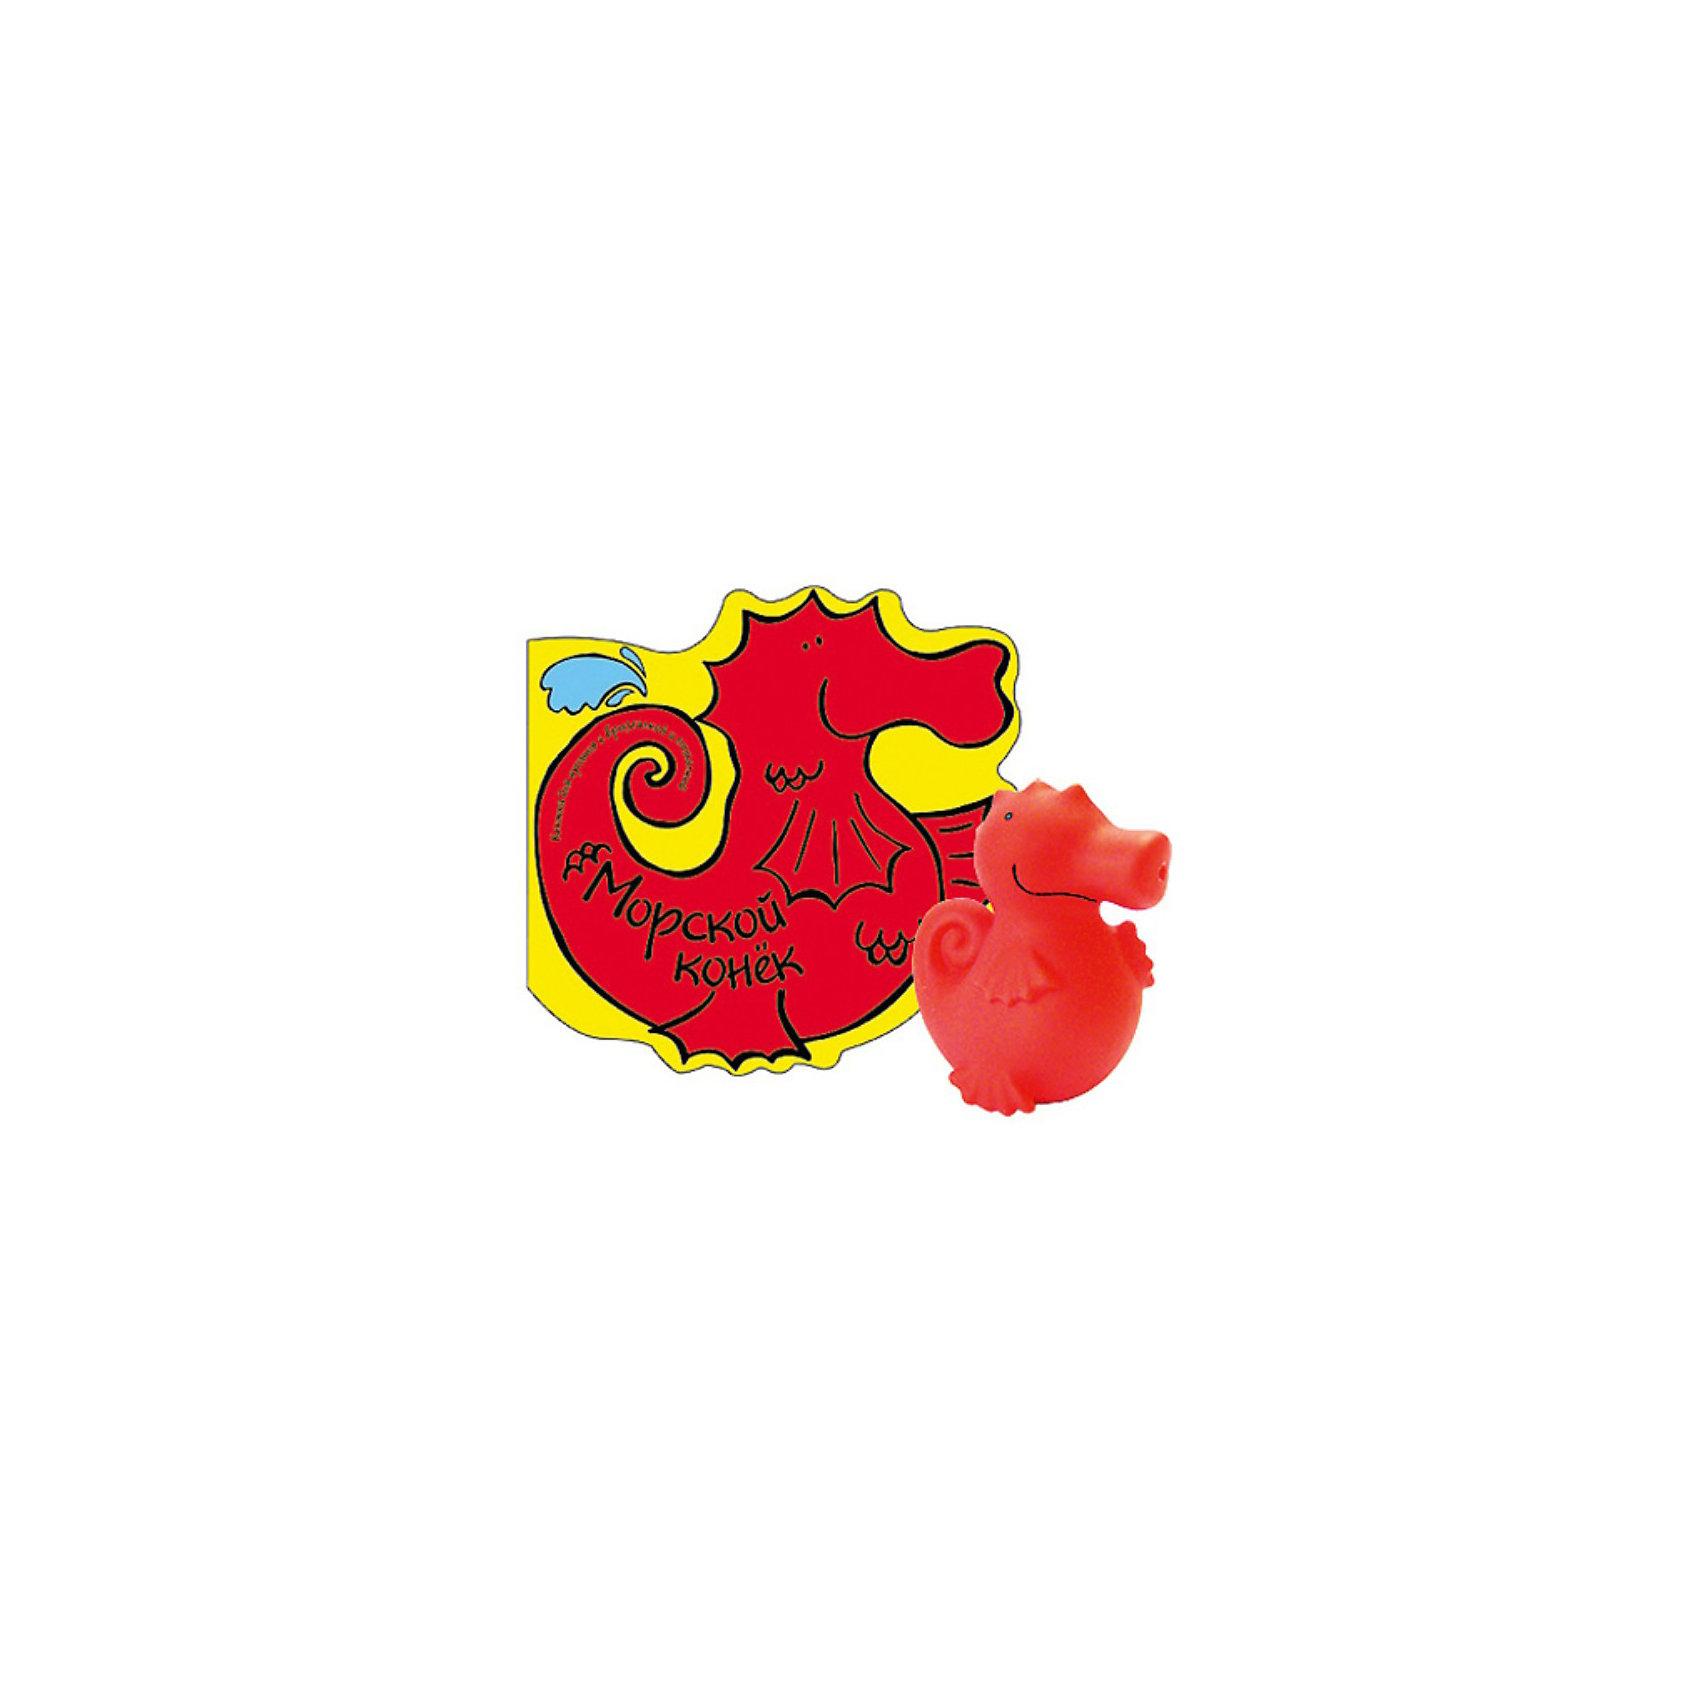 Книга для купания с игрушкой Морской конекКнижка для купания с игрушкой Морской конек, Мозаика-Синтез – эта мягкая, приятная на ощупь книжка, которая не промокает и забавно пищит.<br>С этой яркой книжкой можно играть даже во время купания! На ее мягких страничках нарисована история о морском коньке. А чтобы мама могла прочитать ее малышу, под рисунками есть текст. Во время игры в доступной форме расскажите ребенку о морских коньках и других морских обитателях. Рассматривайте вместе рисунки и обсуждайте их: задавайте малышу вопросы, просите показать ту или иную деталь картинки, загадывайте загадки. Книжка поможет малышу развить речь, зрительное и слуховое восприятие, тактильные ощущения, познакомит его с основными цветами. Красочные картинки сообщат ребенку новые знания об окружающем мире и подарят массу положительных эмоций. А веселое игровое чтение в раннем возрасте сформирует у малыша желание читать в будущем. Книжка сделана из непромокаемого и приятного на ощупь клеенчатого материала. В ней 4 листочка, в одном из которых спрятана звонкая пищалка. В комплект входит забавная игрушка-брызгалка в виде красного морского конька, которая пригодится для водных шалостей!<br><br>Дополнительная информация:<br><br>- В комплекте: книжка, игрушка-брызгалка<br>- Автор: Бурмистрова Лариса<br>- Художник: Кло Джулия<br>- Издательство: Мозаика-Синтез<br>- Серия: Книжки для купания<br>- Тип обложки: Blister<br>- Иллюстрации: цветные<br>- Страниц: 6 (ПВХ)<br>- Размеры: 210x150x70 мм.<br>- Вес: 72 гр.<br><br>Книжку для купания с игрушкой Морской конек, Мозаика-Синтез можно купить в нашем интернет-магазине.<br><br>Ширина мм: 210<br>Глубина мм: 150<br>Высота мм: 70<br>Вес г: 70<br>Возраст от месяцев: 0<br>Возраст до месяцев: 36<br>Пол: Унисекс<br>Возраст: Детский<br>SKU: 3756273